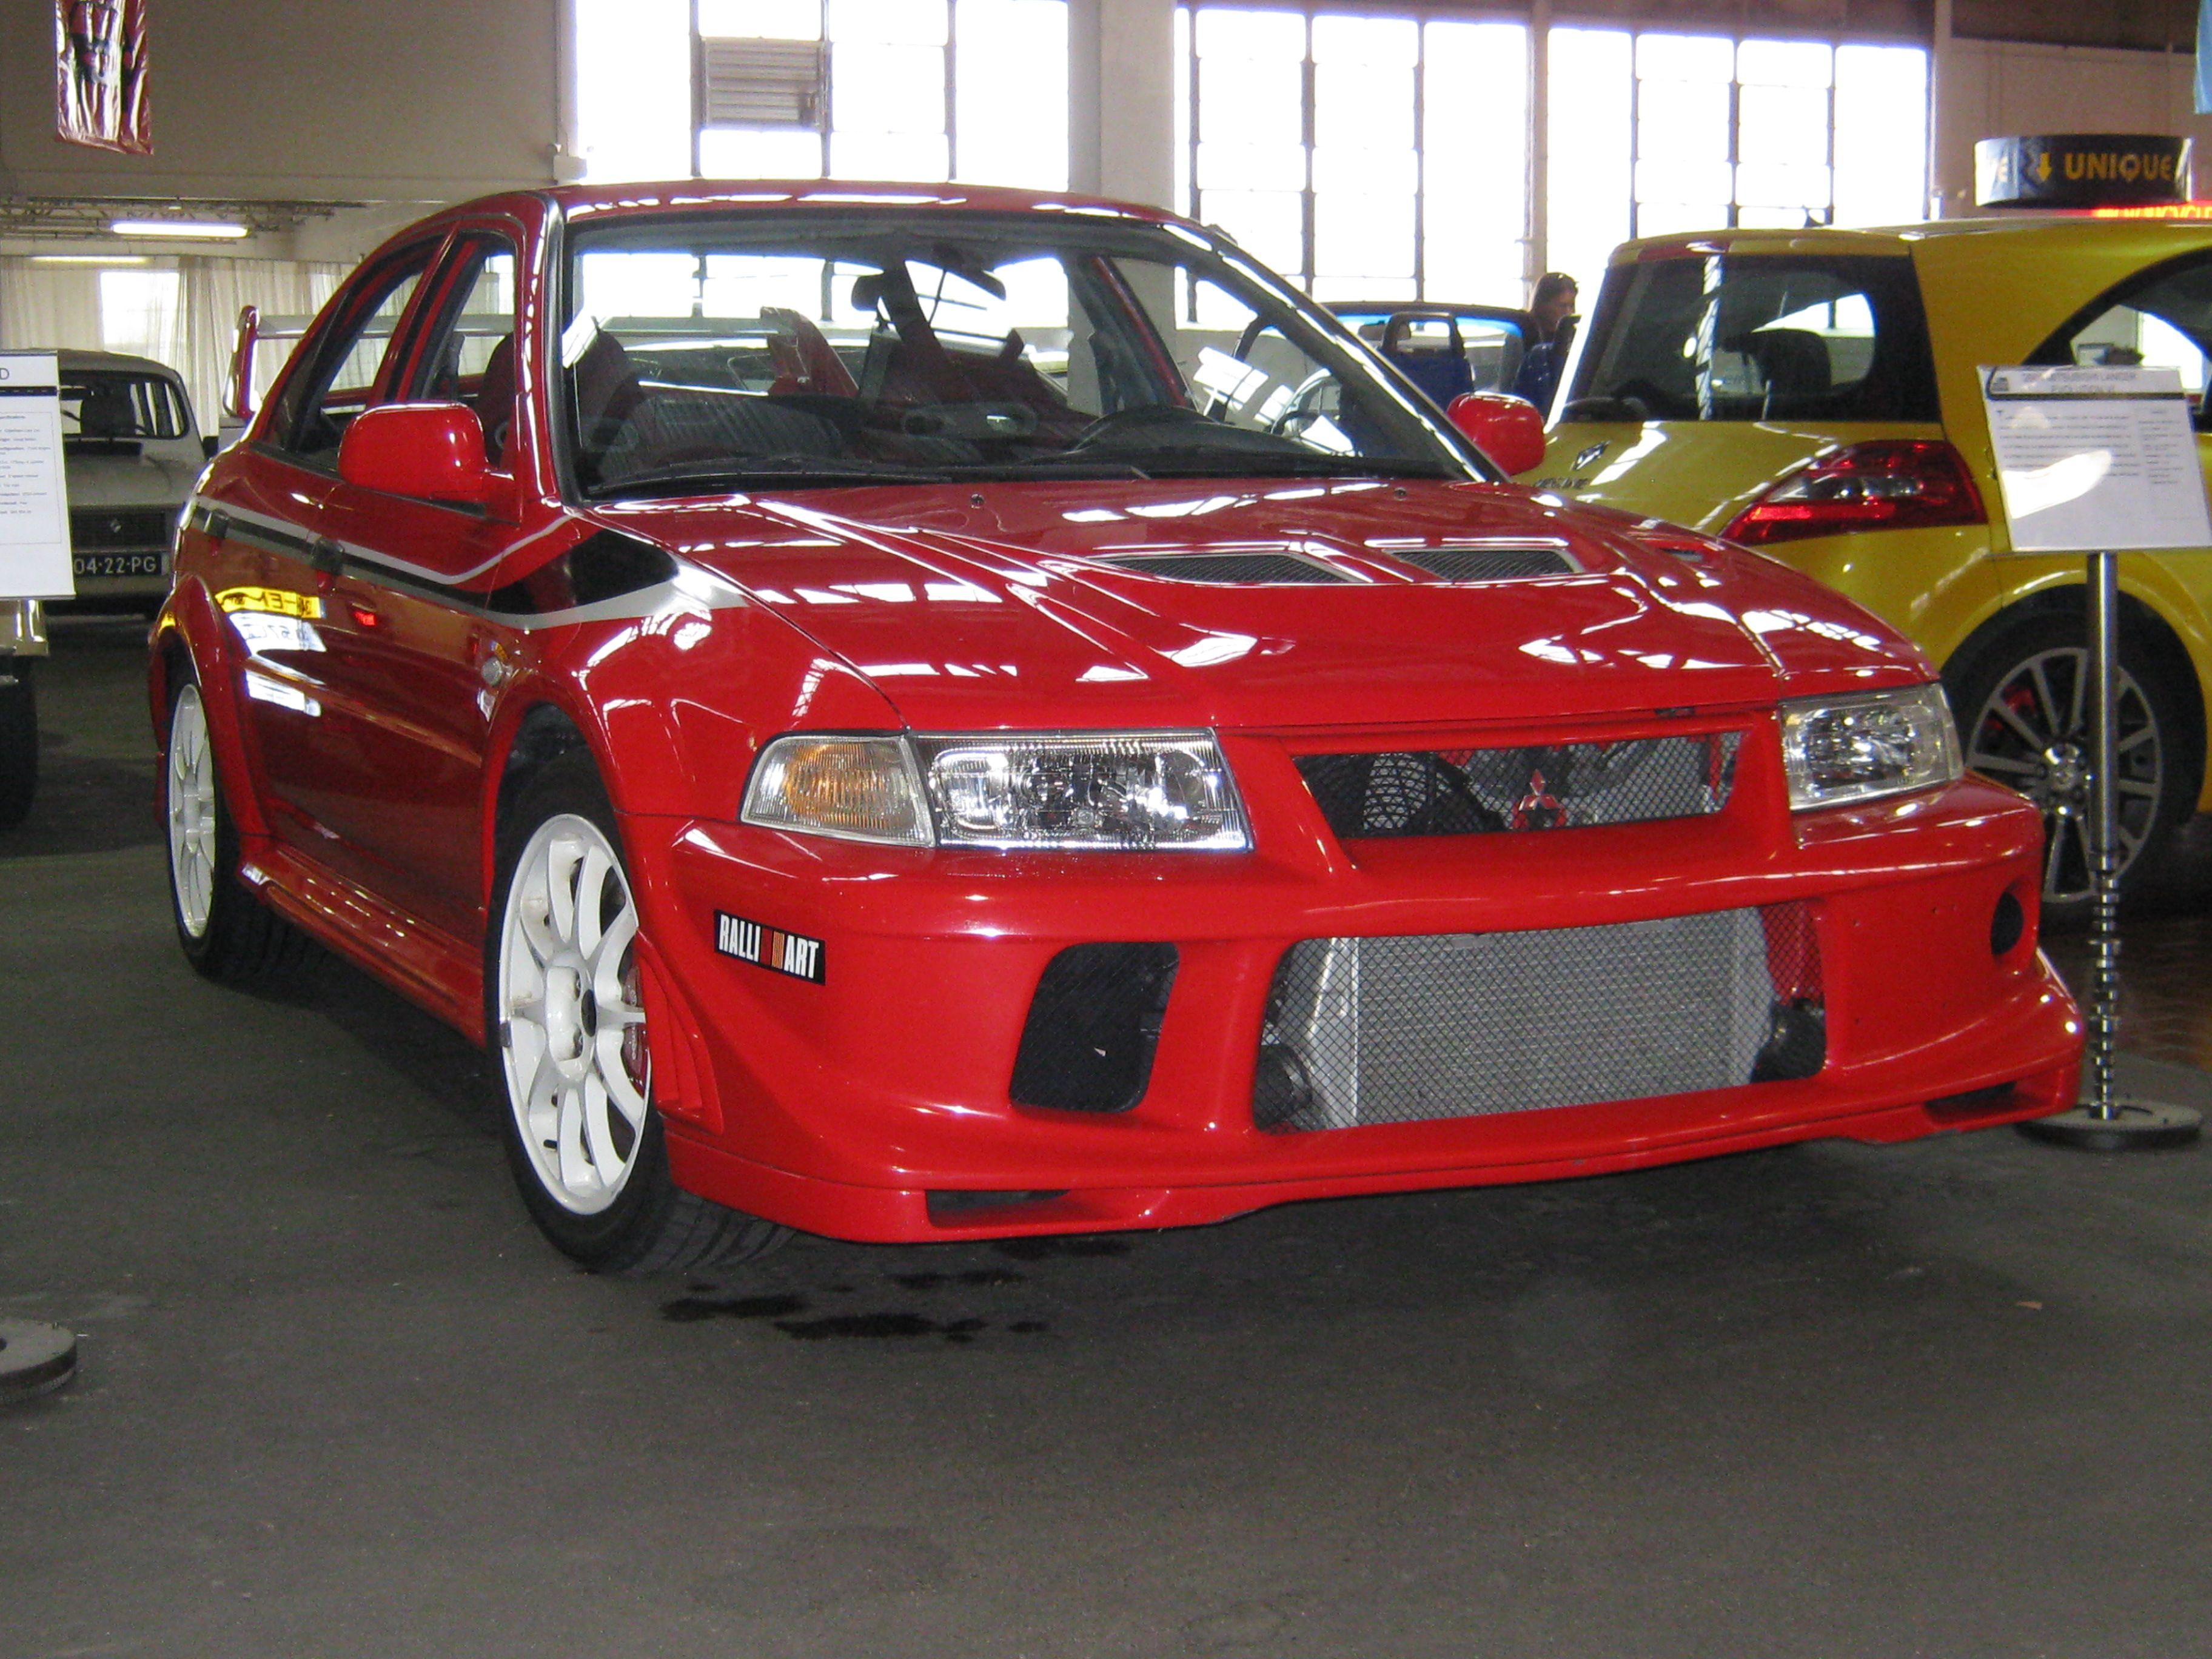 2001 Tommi Makinen Mitsubishi Lancer Evolution Vi